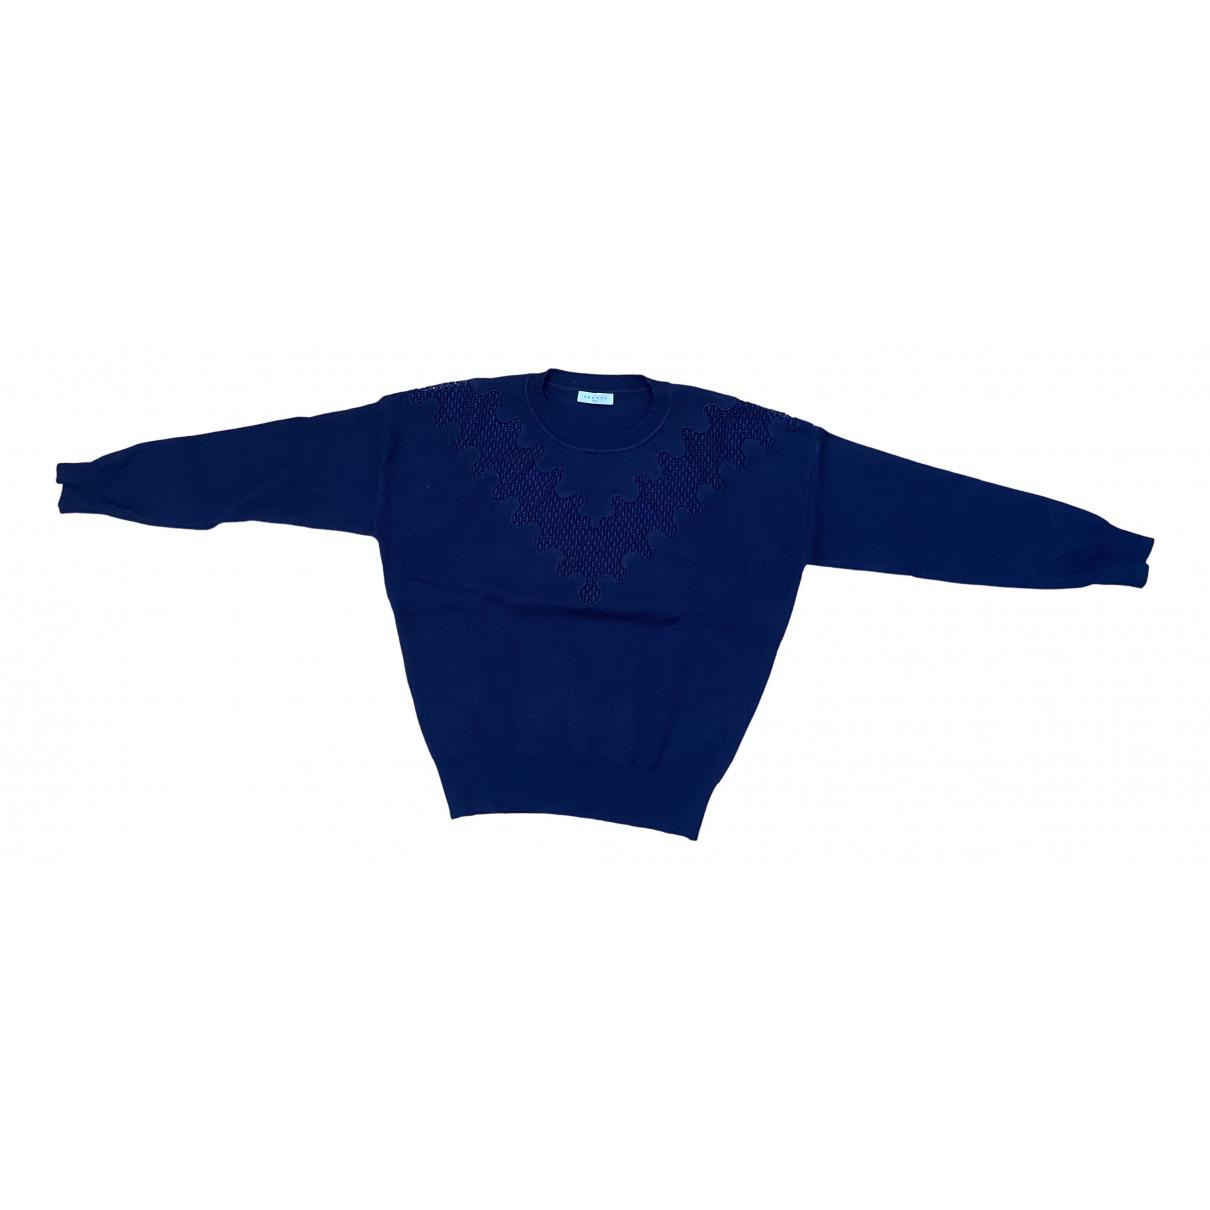 Sandro Fall Winter 2019 Blue Knitwear for Women 1 US